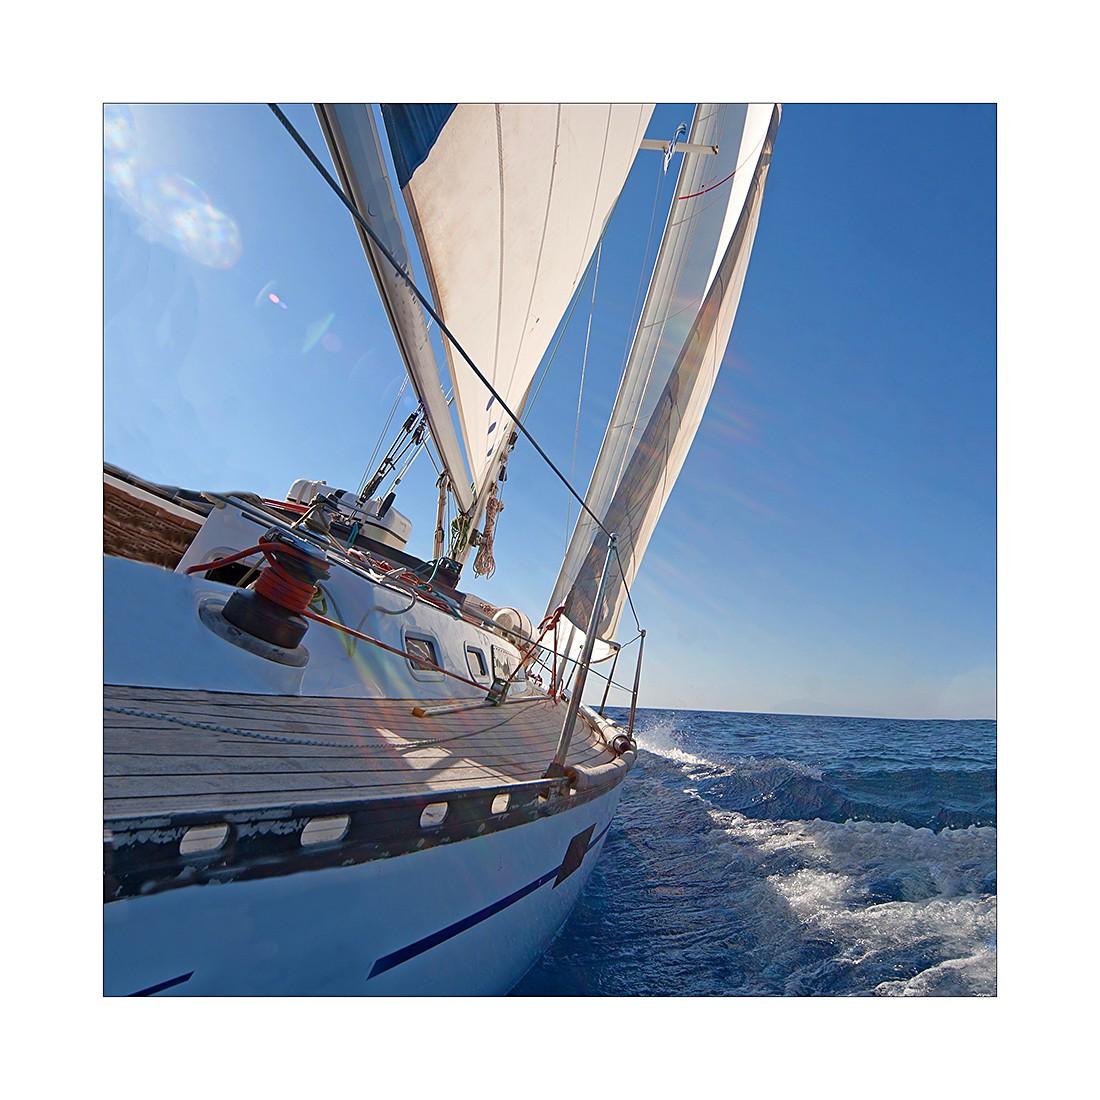 Kunstdruck sailing trip I – Größe: 50 x 50 cm, Pro Art online bestellen